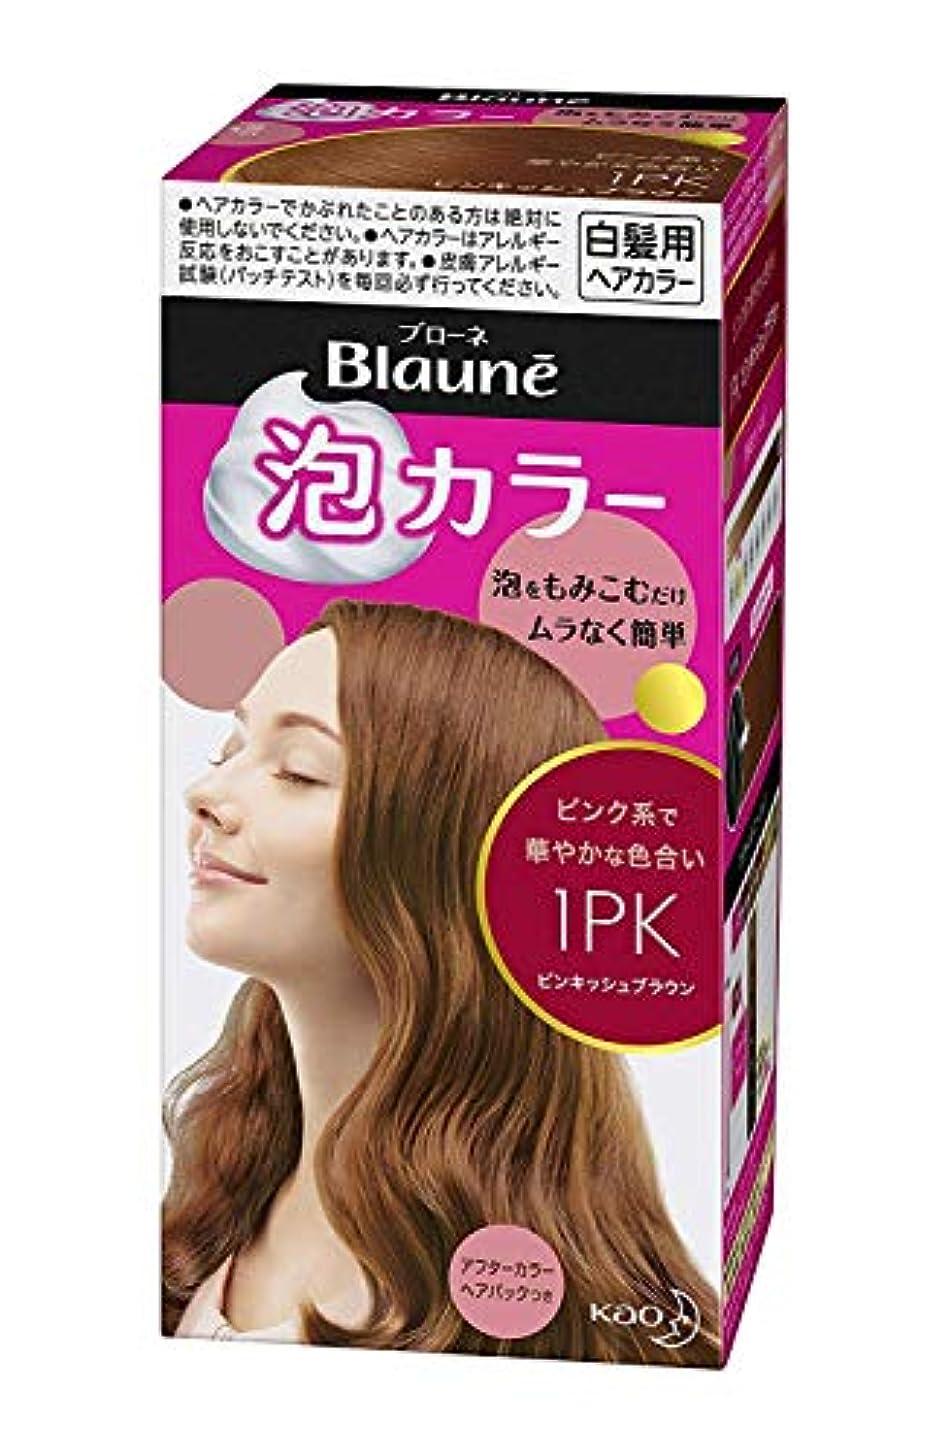 十二任命光景【花王】ブローネ泡カラー 1PK ピンキッシュブラウン 108ml ×10個セット